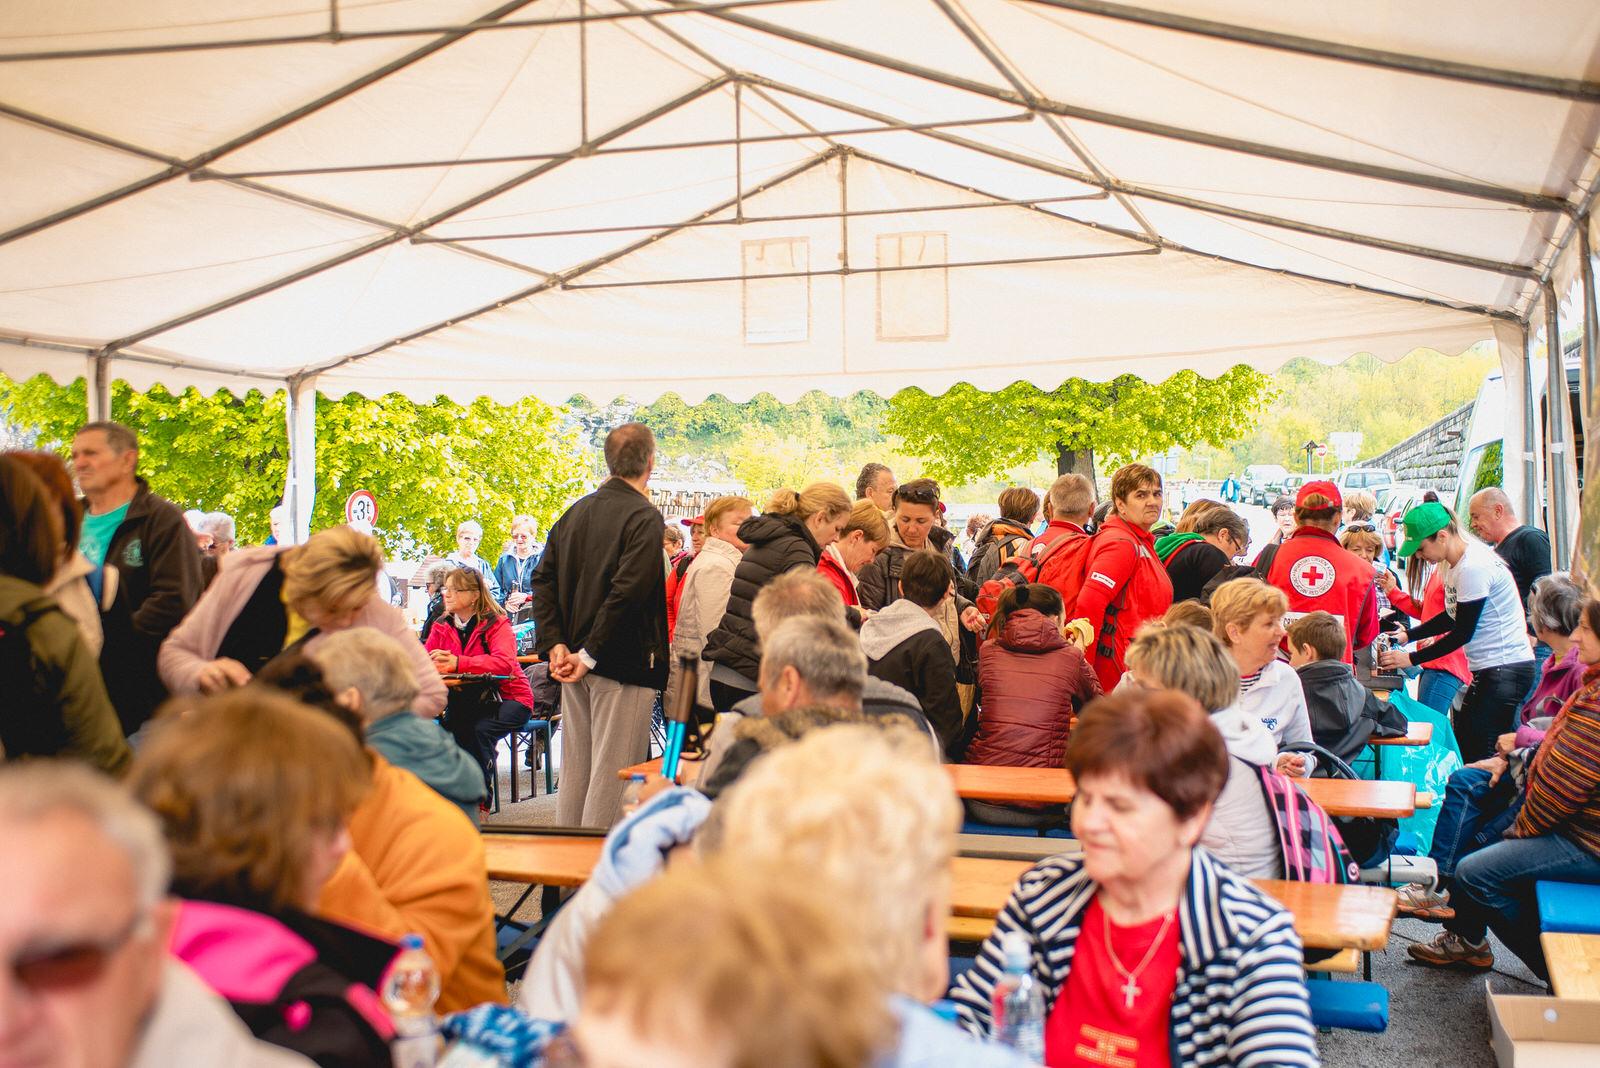 likaclub_slunj_rastoke_5-festival-nordijskog-hodanja_2019-28-1